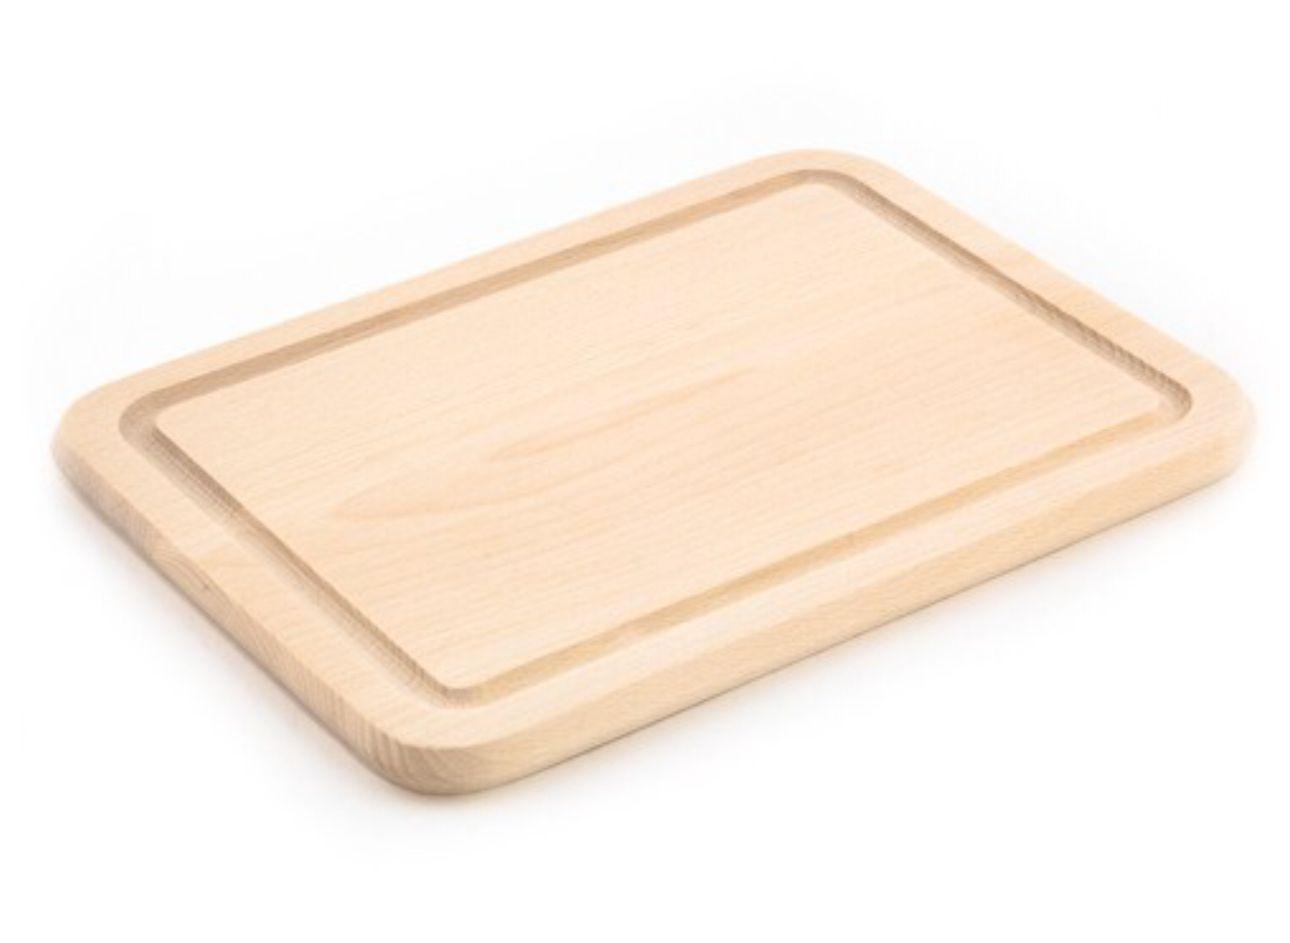 KOLIMAX Buková krájecí deska TK 305 rozměr 30.5x23 cm , dřevěná